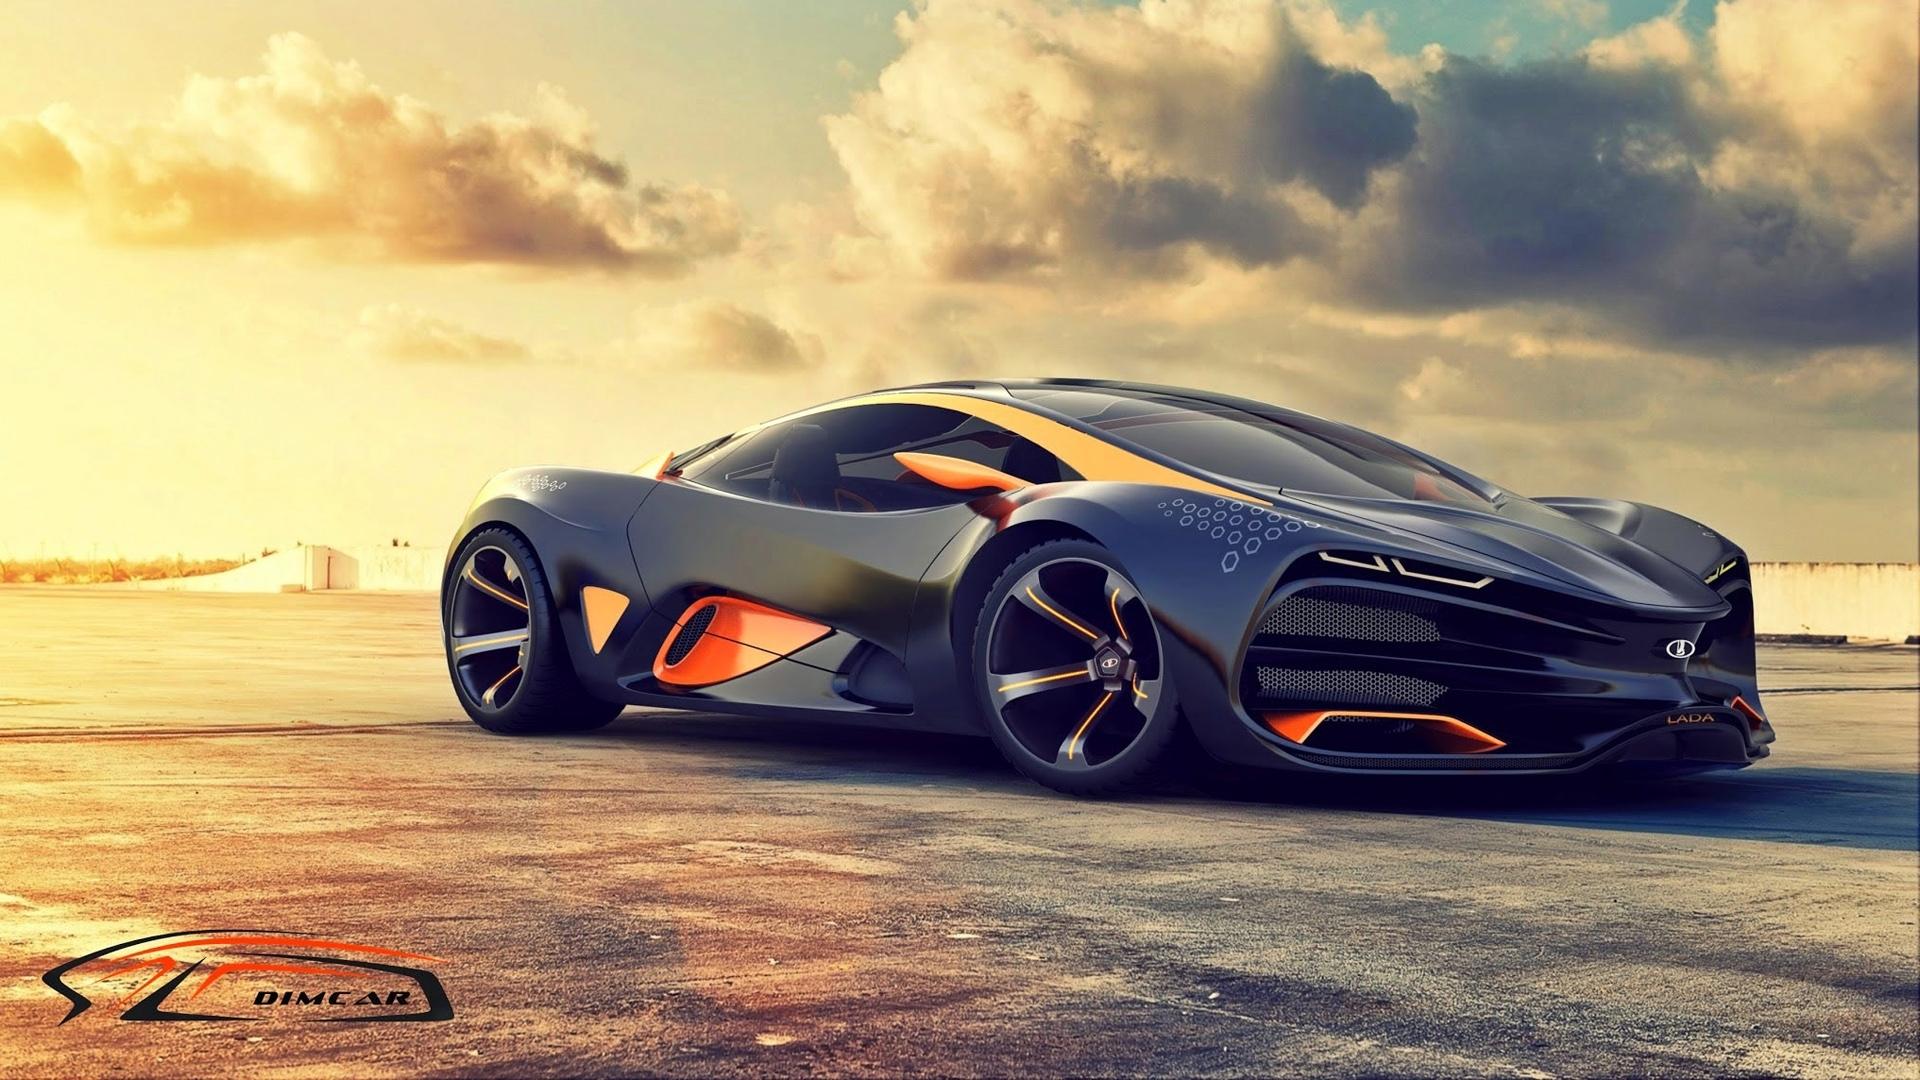 2015 lada raven supercar concept 2 wallpaper | hd car wallpapers